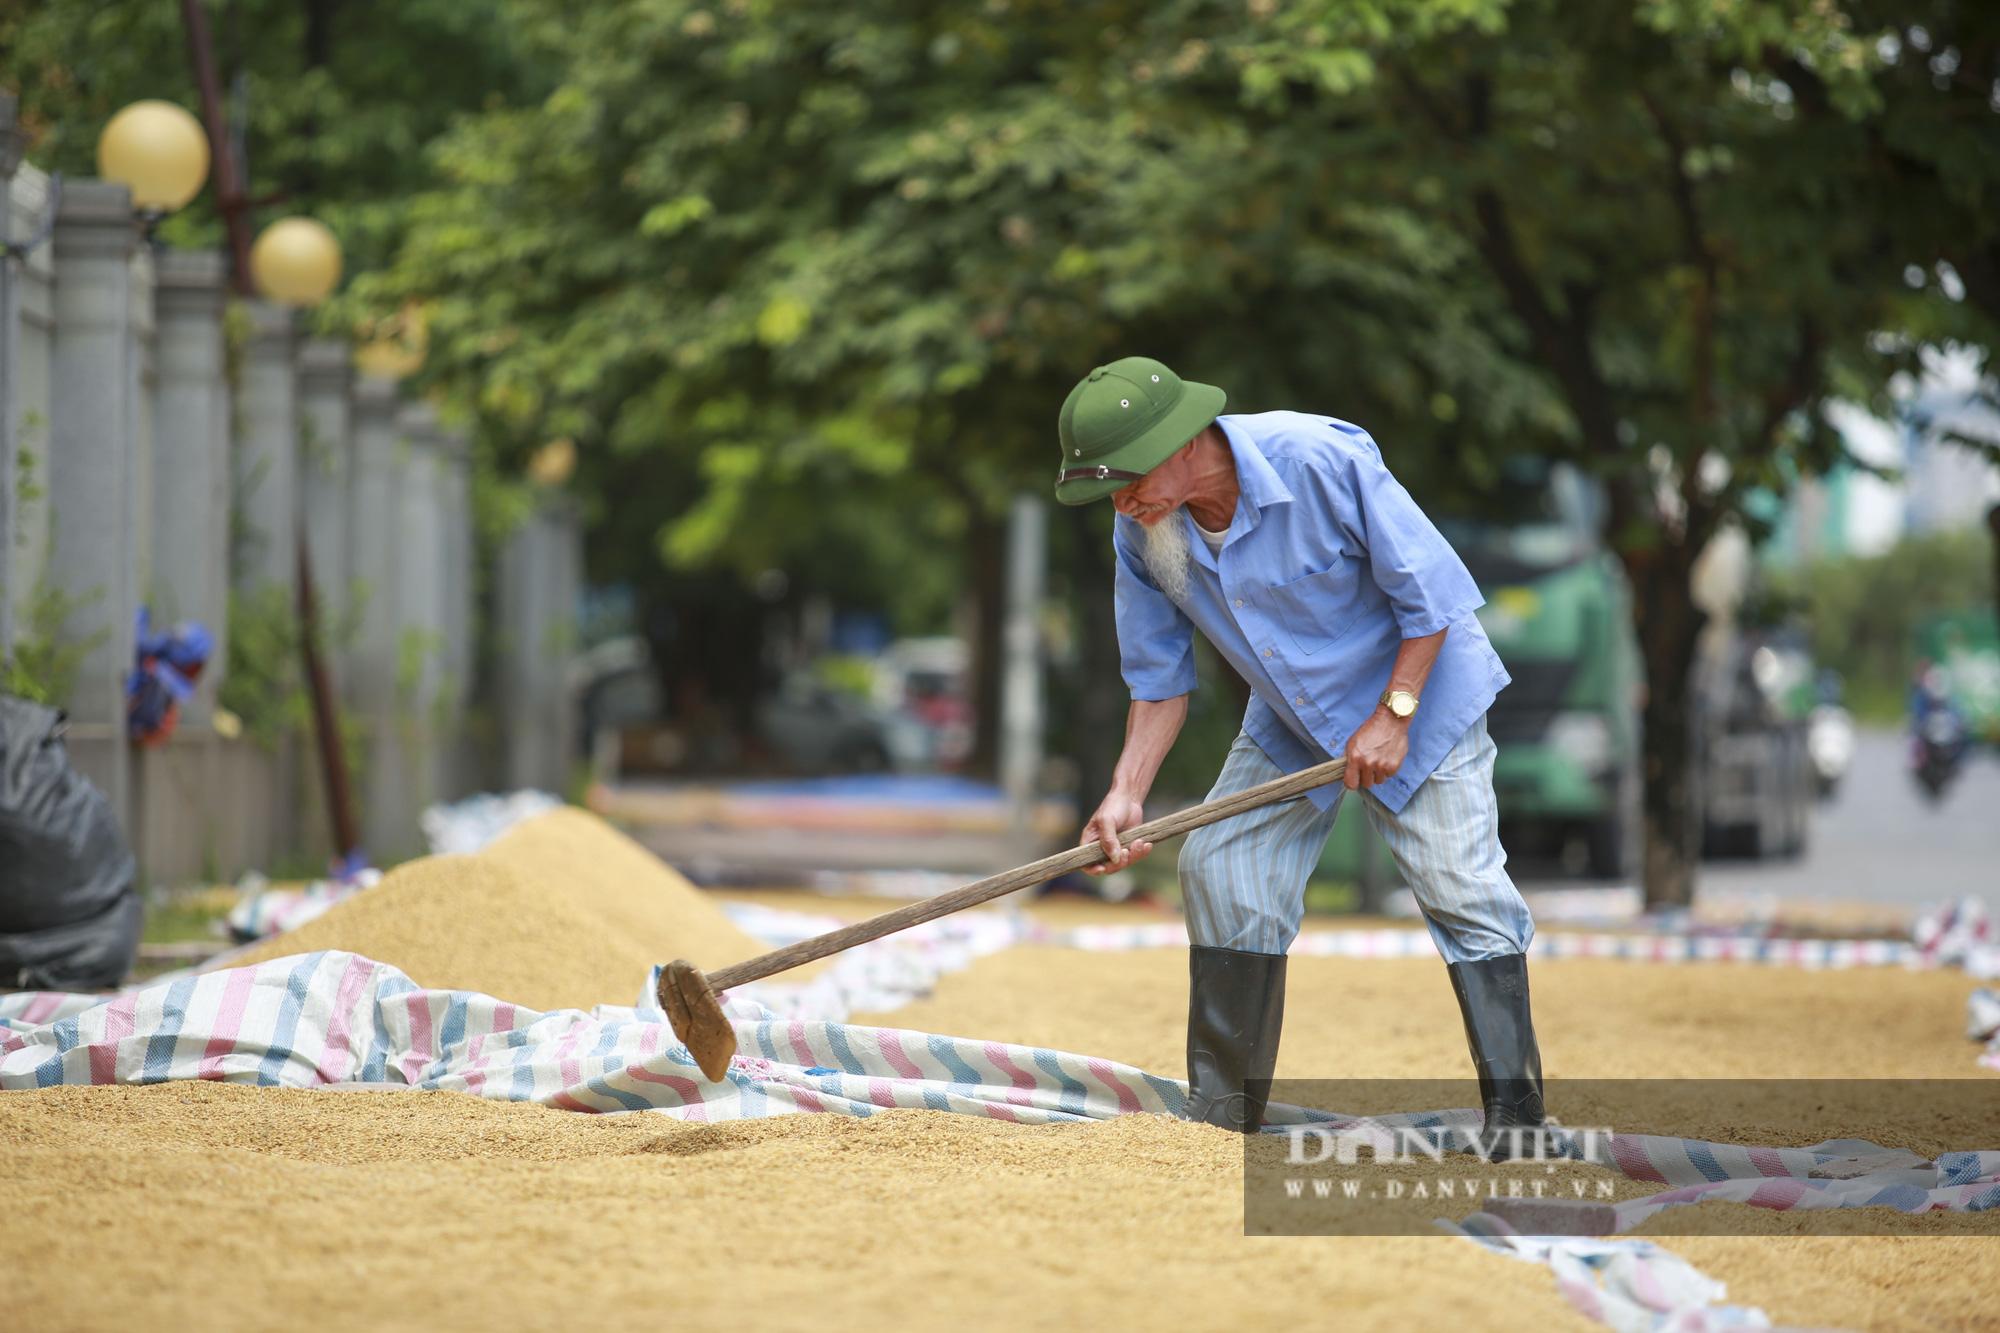 Hà Nội: Nông dân bất lực nhìn lúa mọc mầm vì mưa liên tiếp - Ảnh 4.